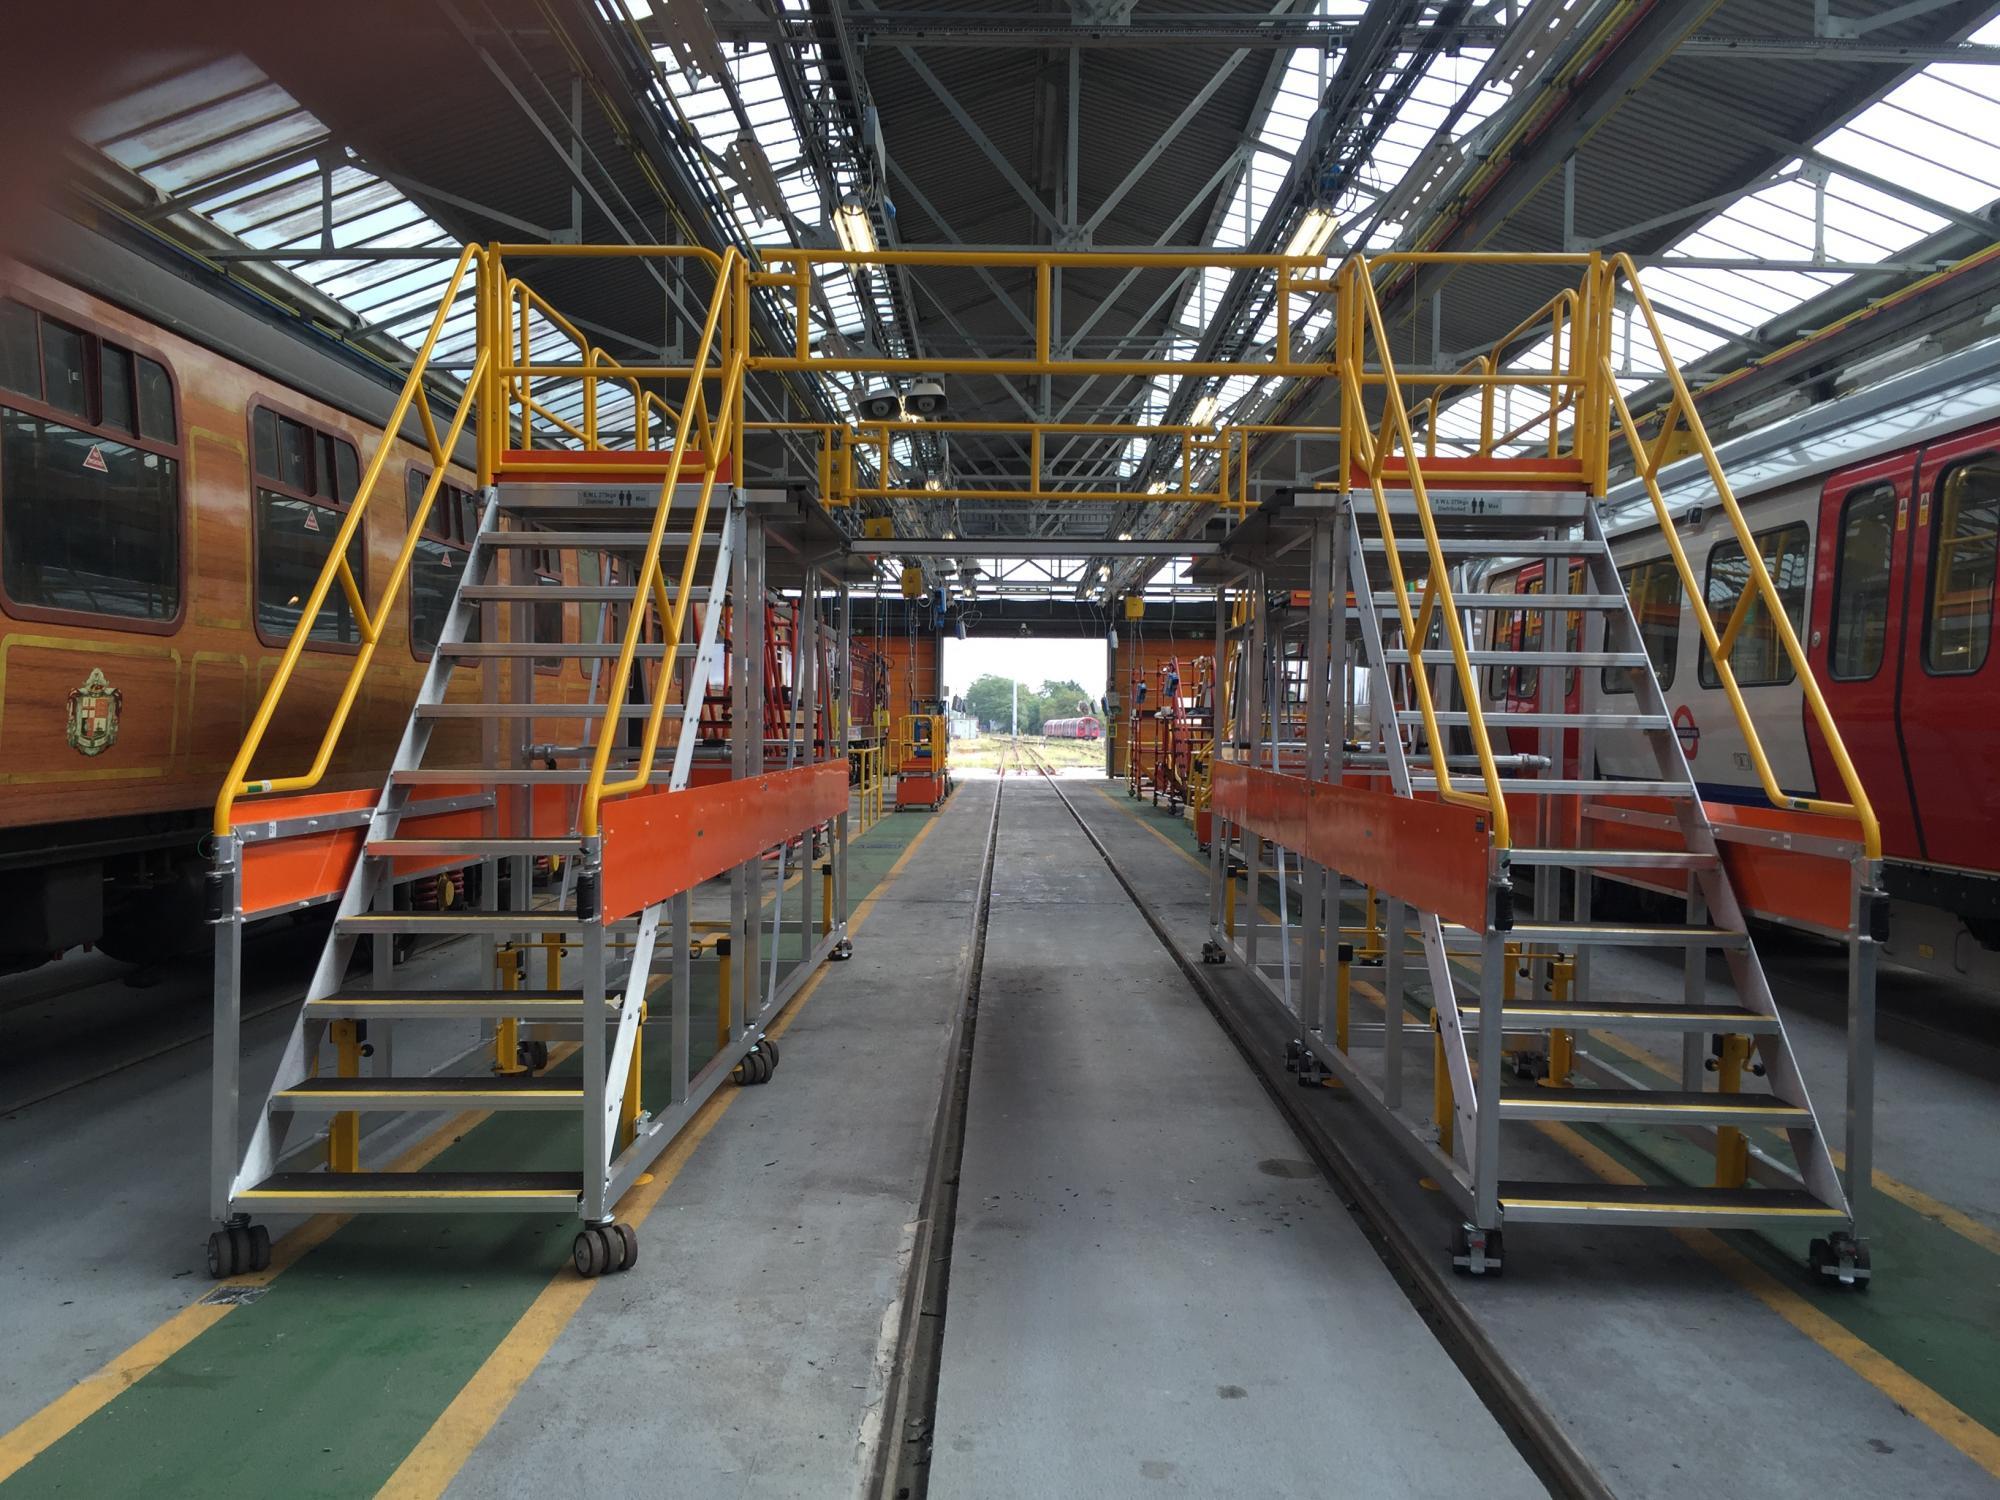 Guard Rail Or Guardrail